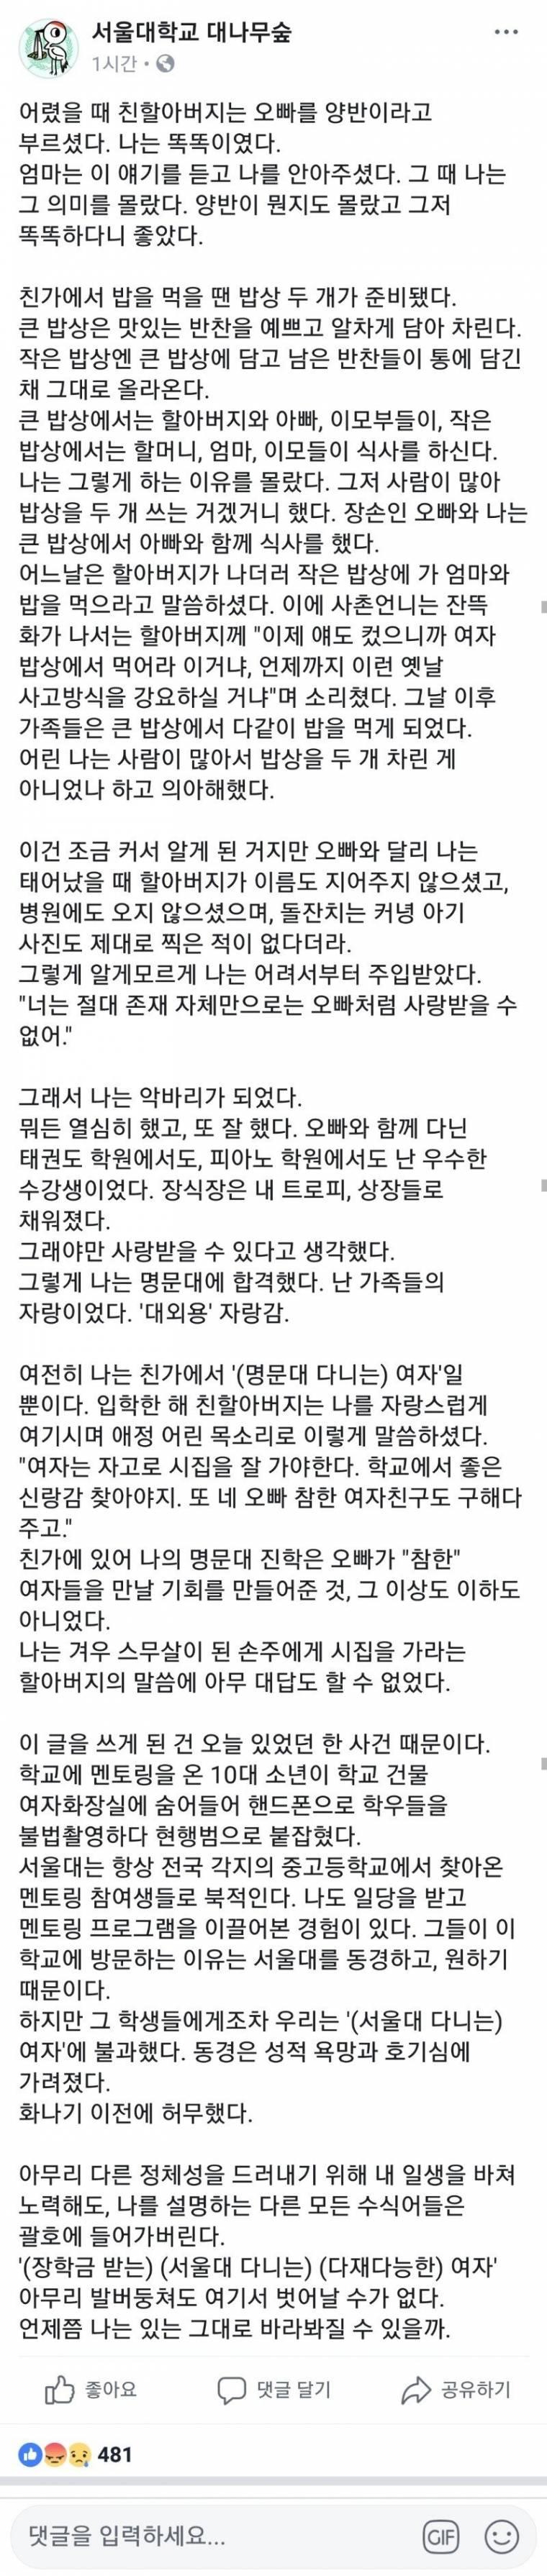 서울대학교 나무숲 아버지 오빠 양반 똑똑이 엄마 얘기 의미 양반 지도 친가 밥상 준비 밥상 반찬